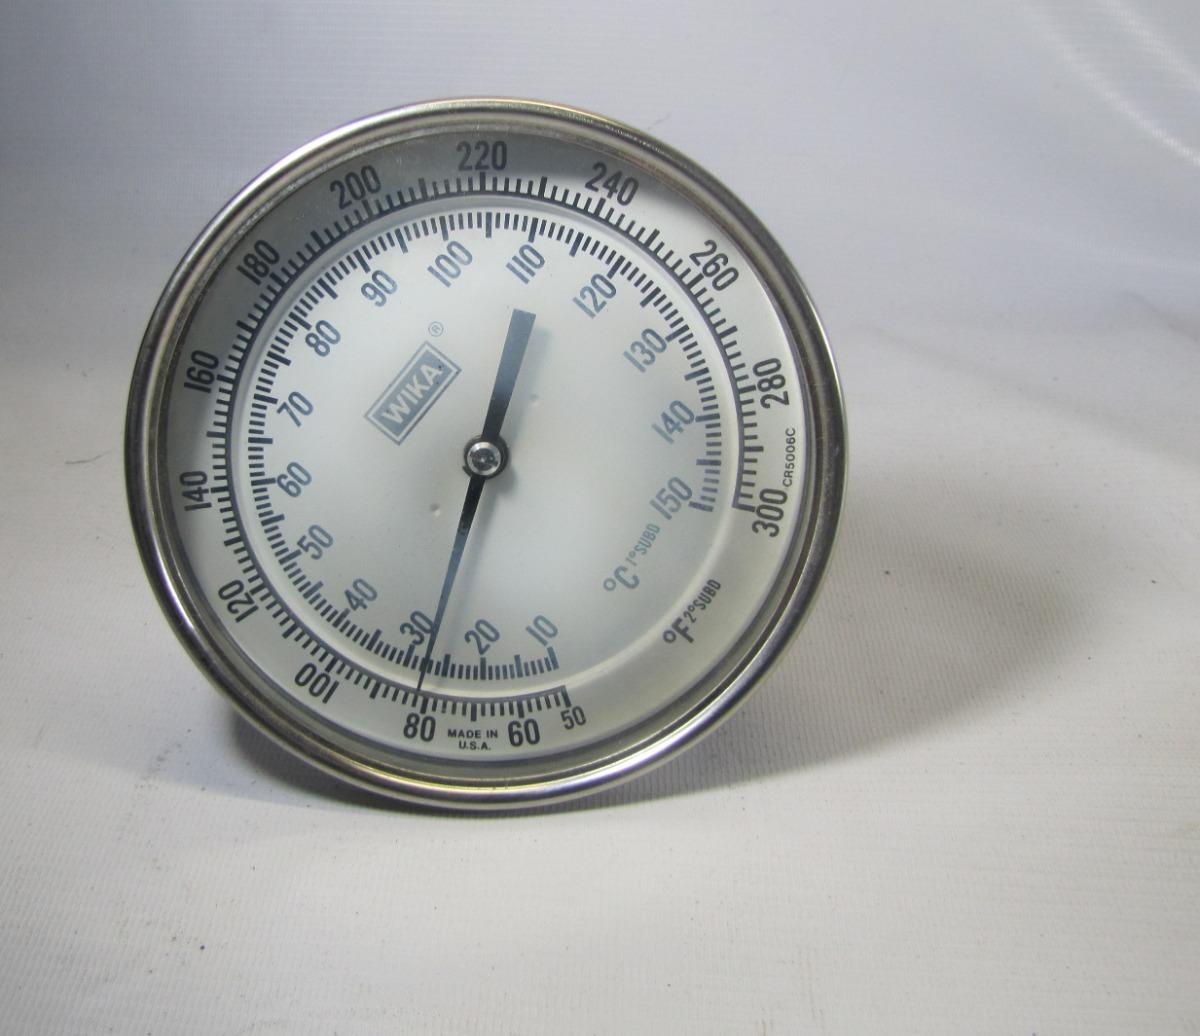 Termometro Wika 4 Acero Inoxidable Bs 22 339 411 65 En Mercado Libre Termometro bimetallico per sistemi di condizionamento dell'aria e refrigerazione modello a48. mercadolibre mercado libre venezuela